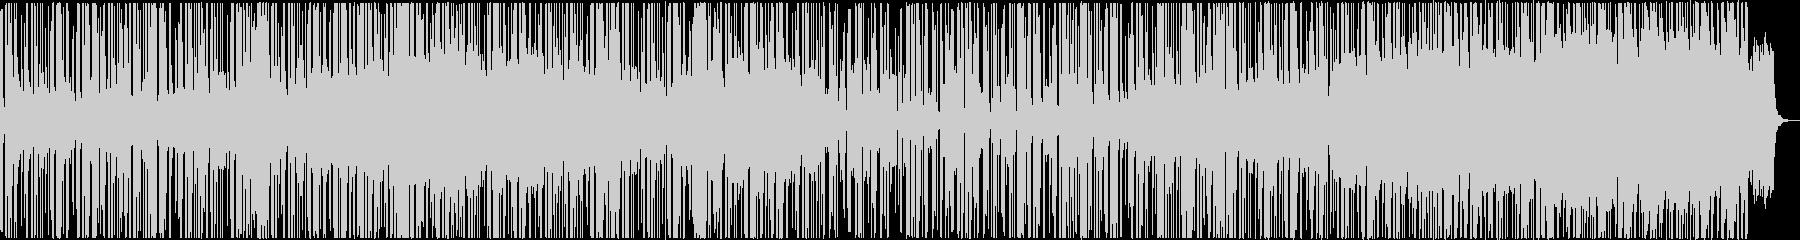 暗めの曲ですの未再生の波形